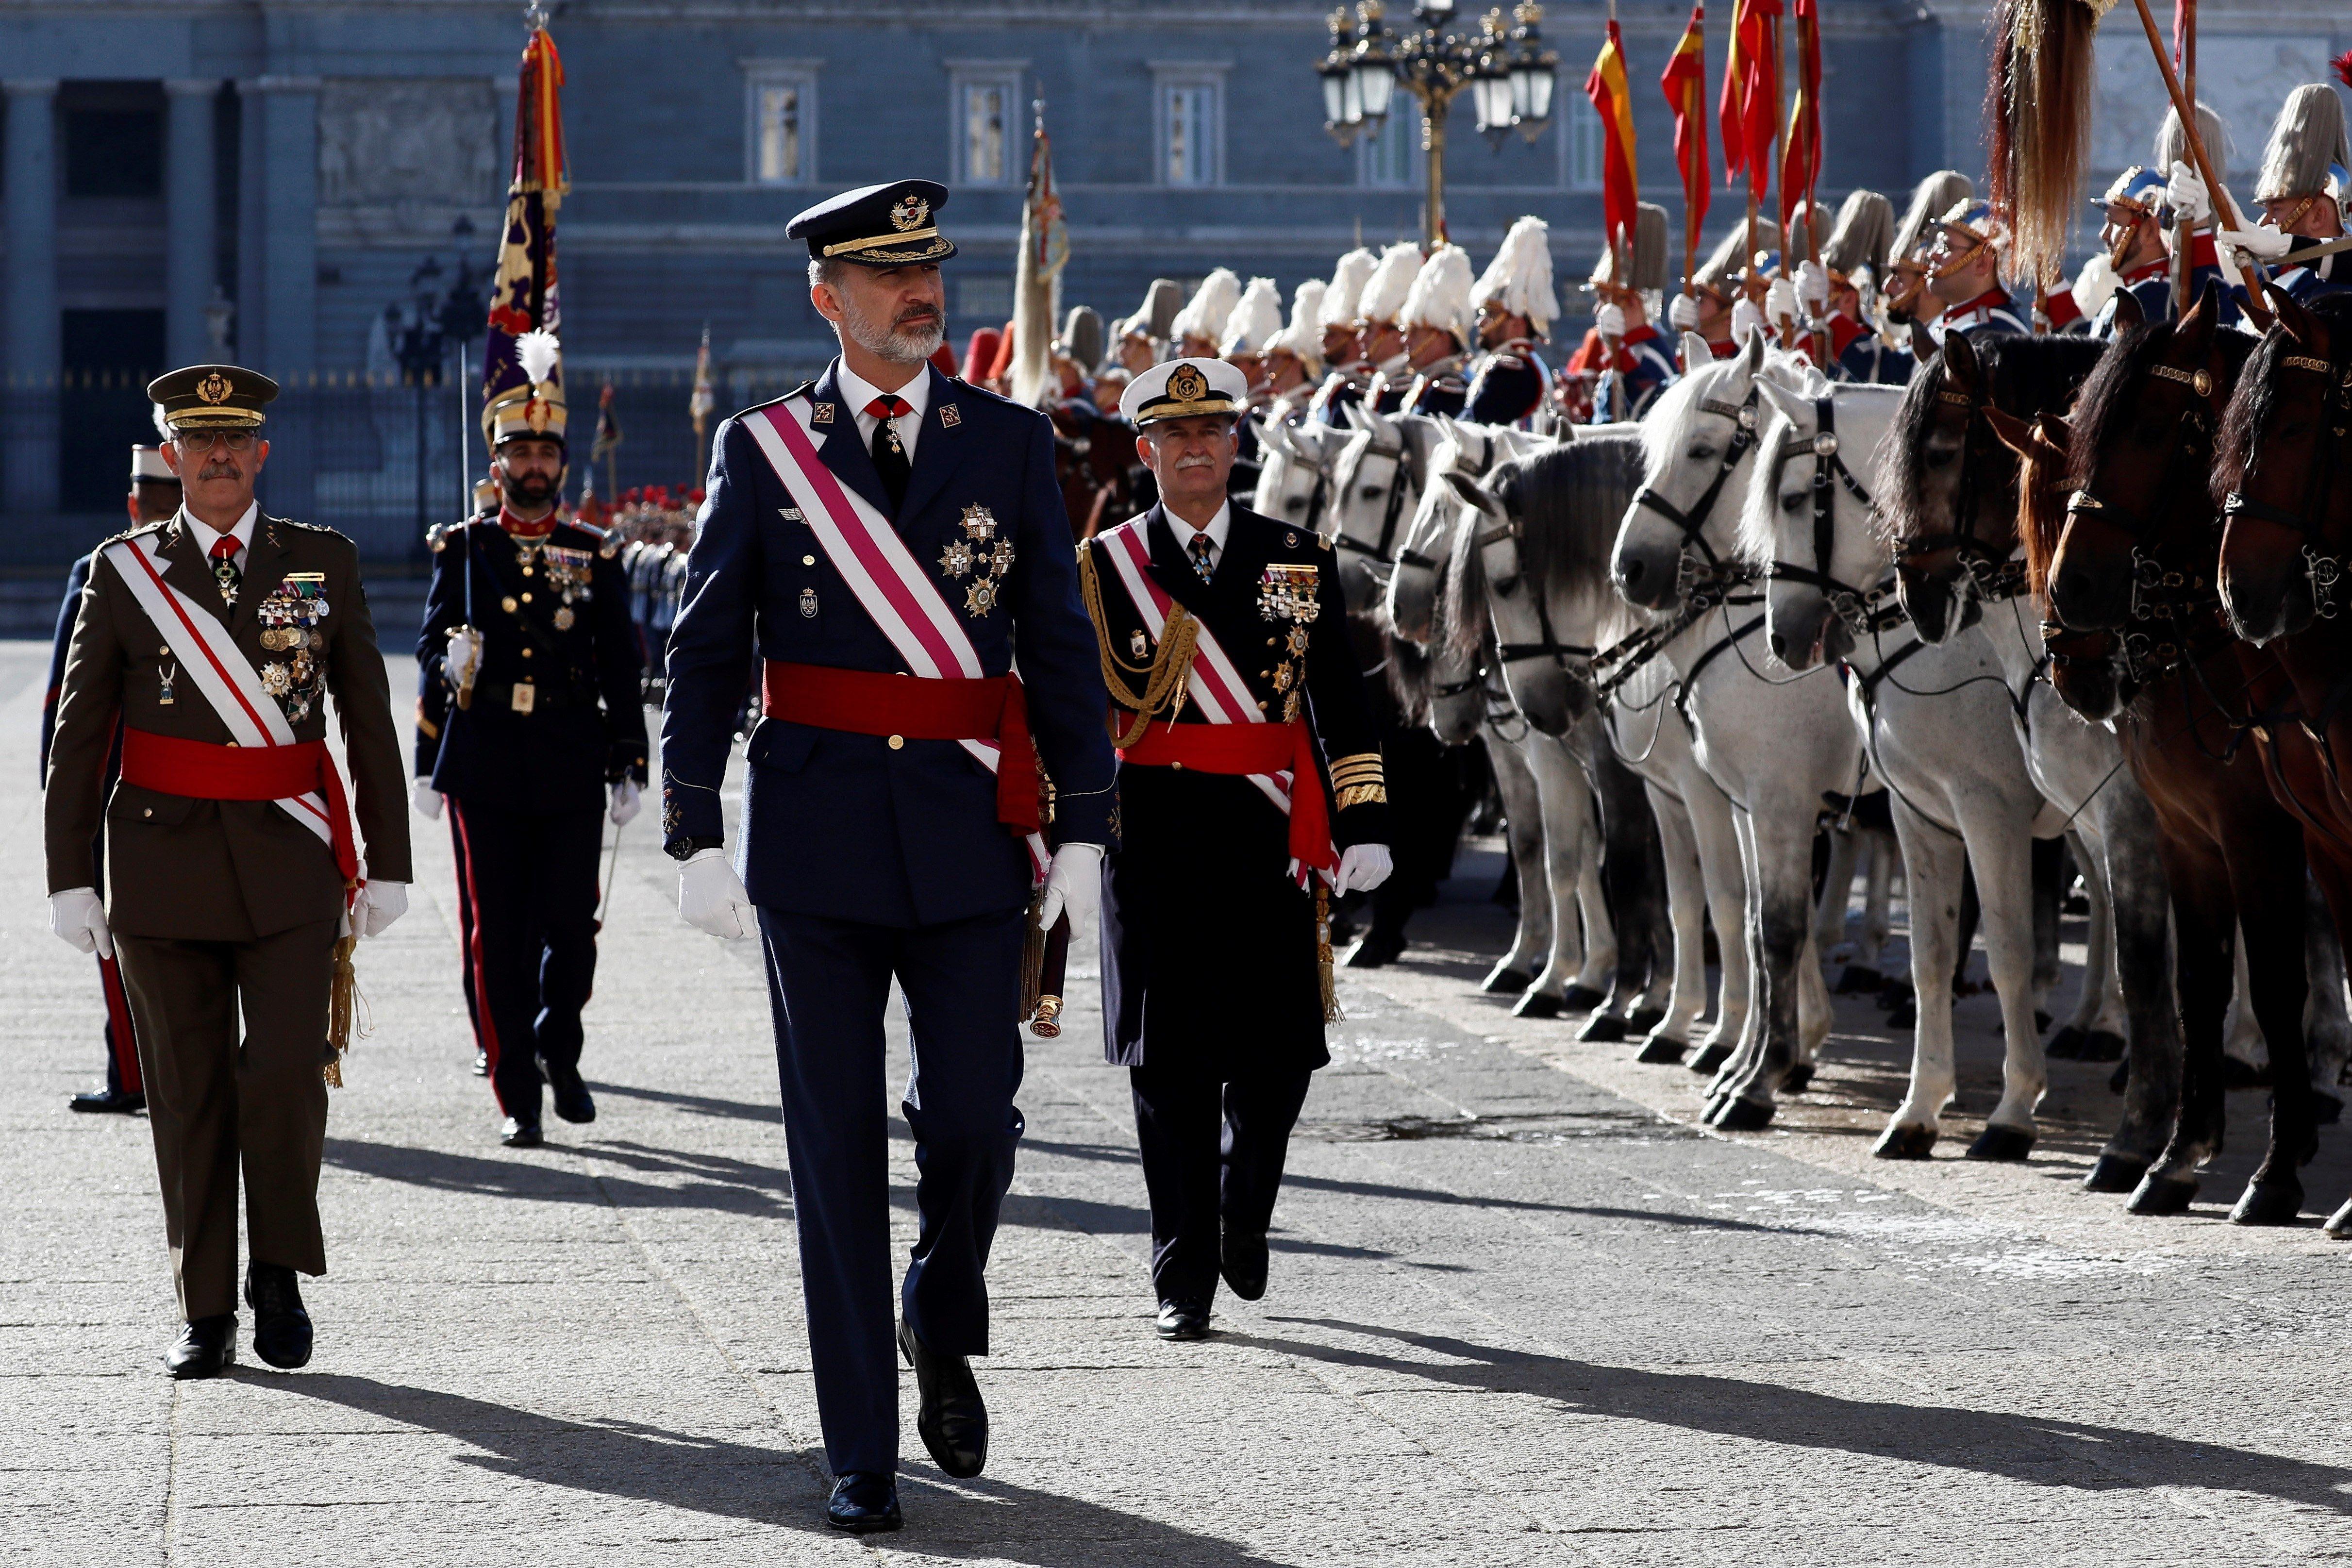 El rey de España Felipe VI (c) pasa revista a la Guardia Real en el Patio de Armas antes del inicio de la ceremonia de la Pascua Militar en el Palacio Real, este lunes en Madrid.